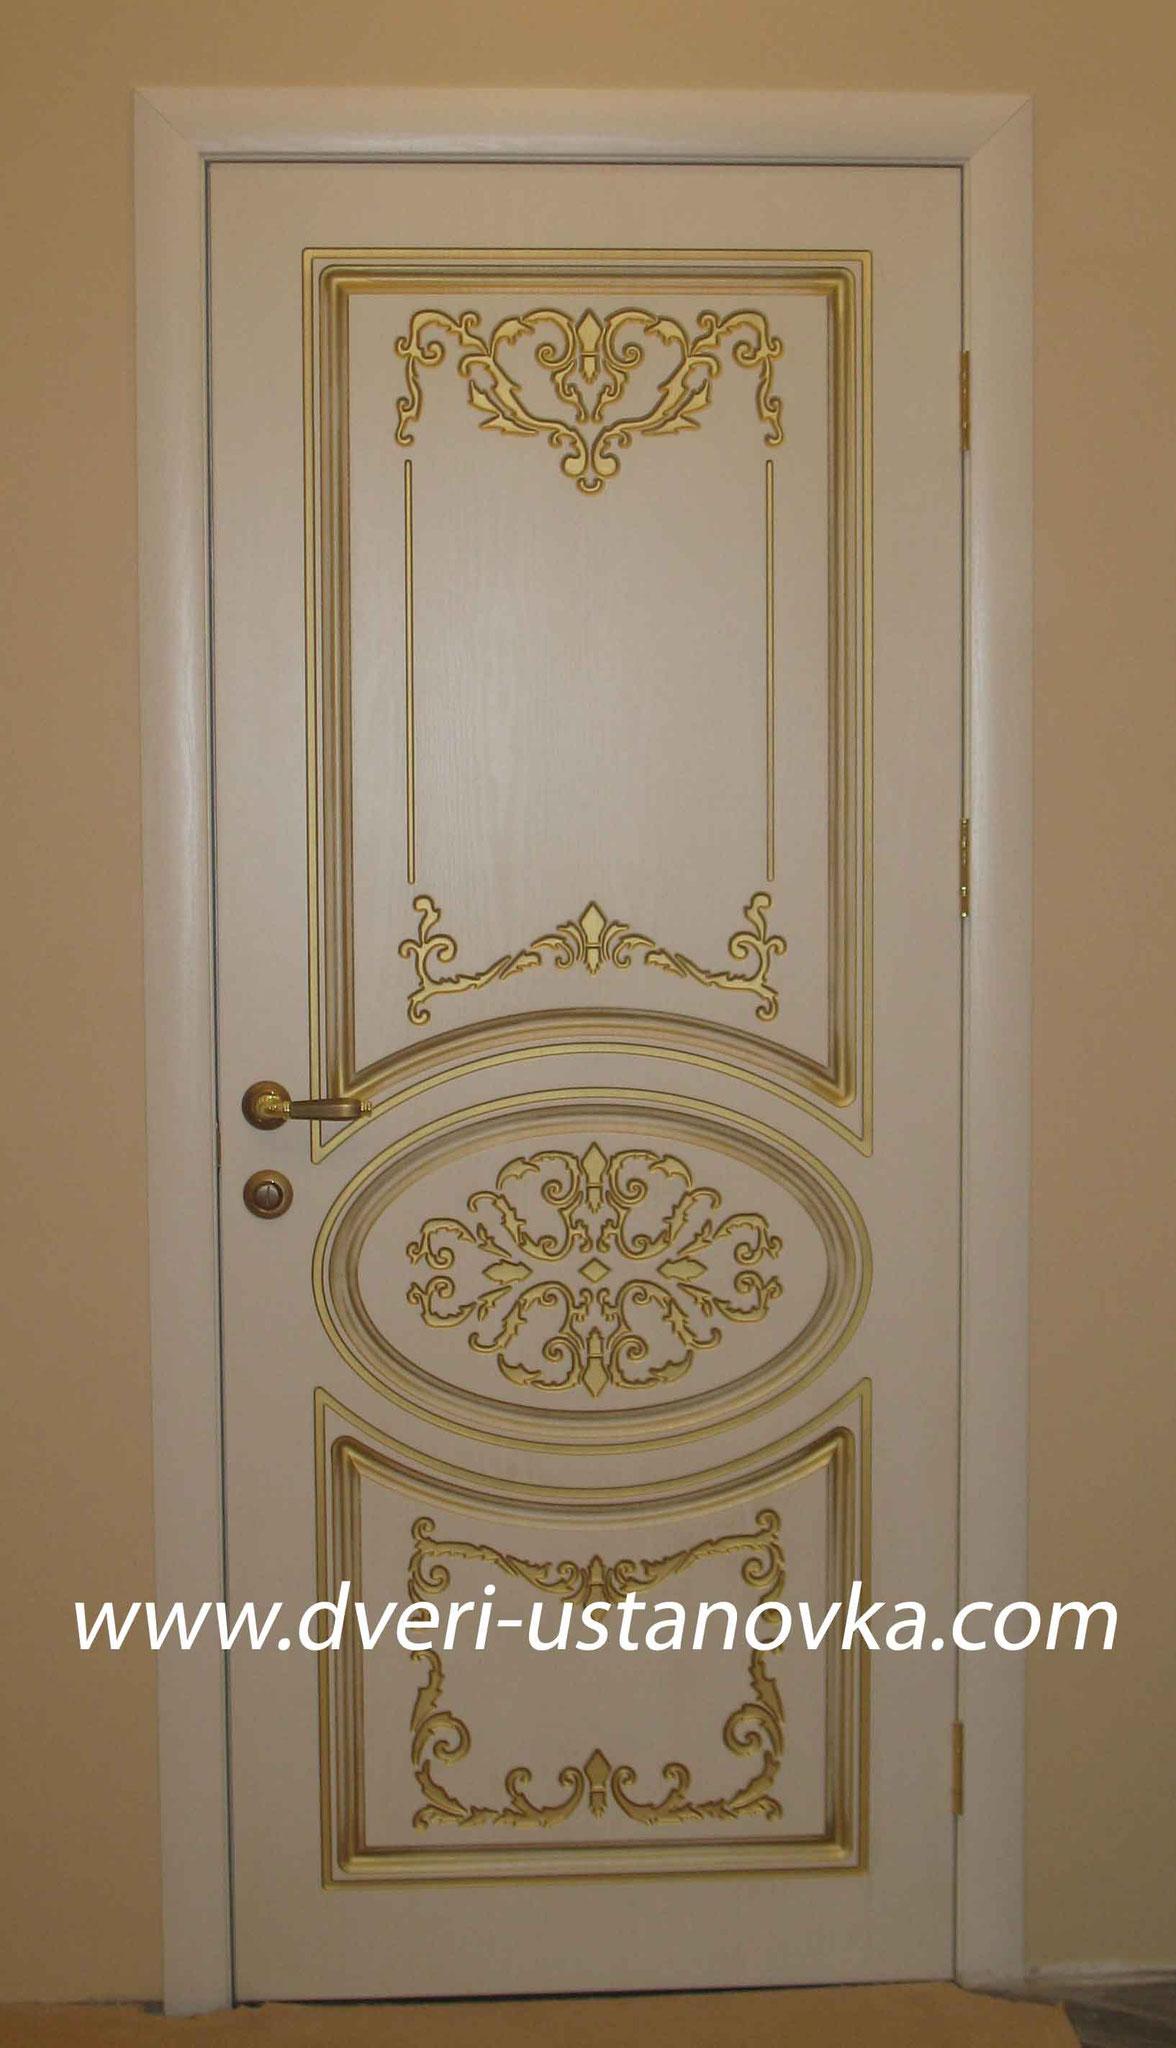 Фото 2.2 Одностворчатая межкомнатная дверь без остекления.